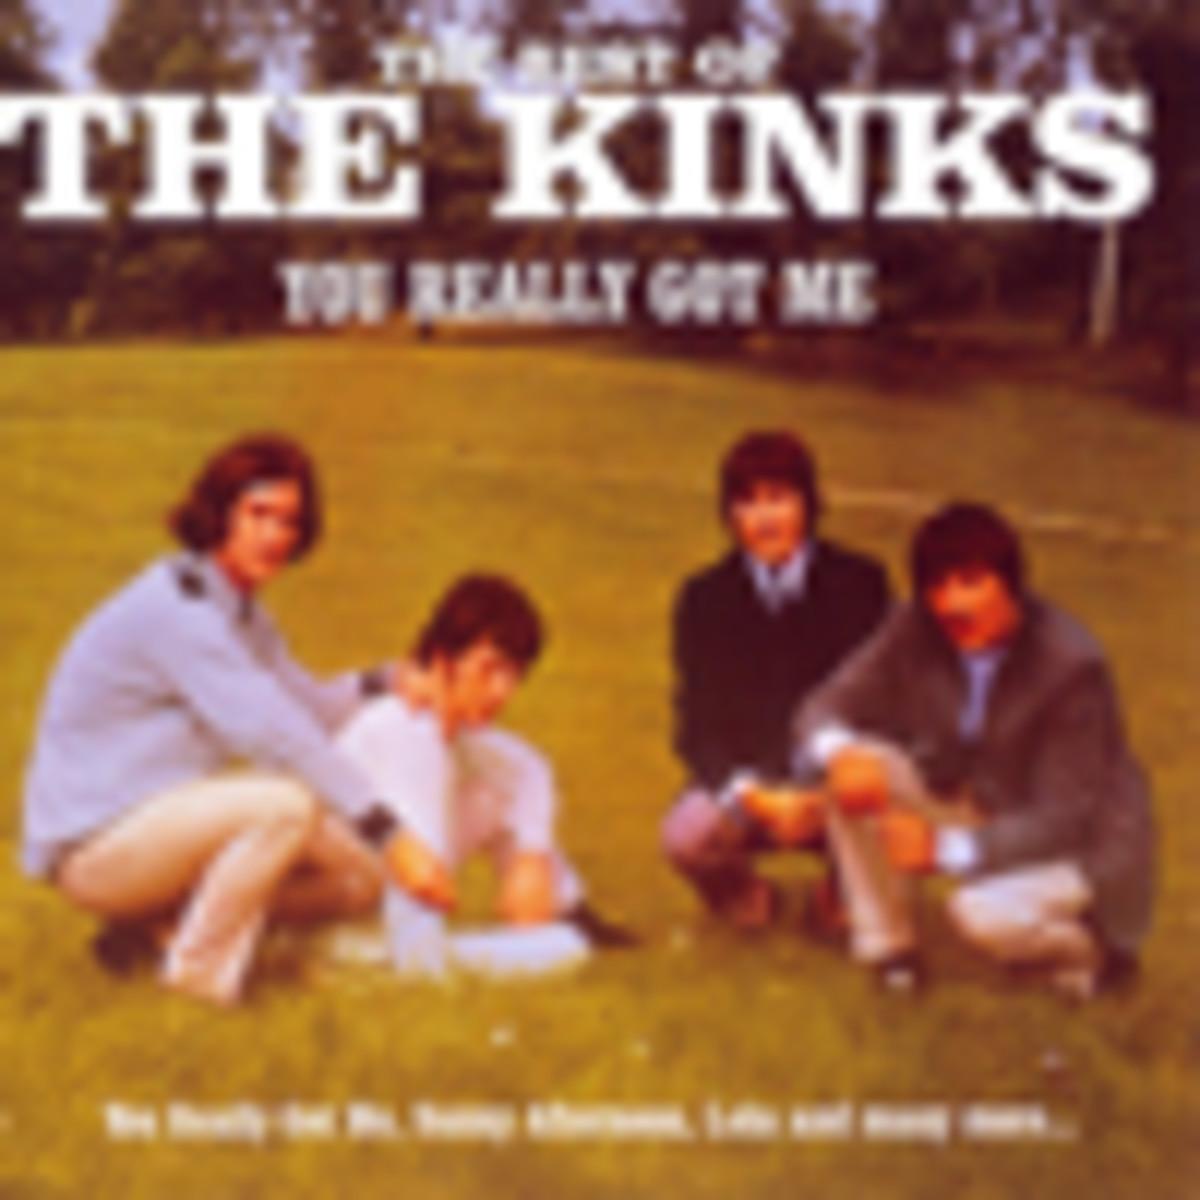 TheKinks_YouReallyGotMe